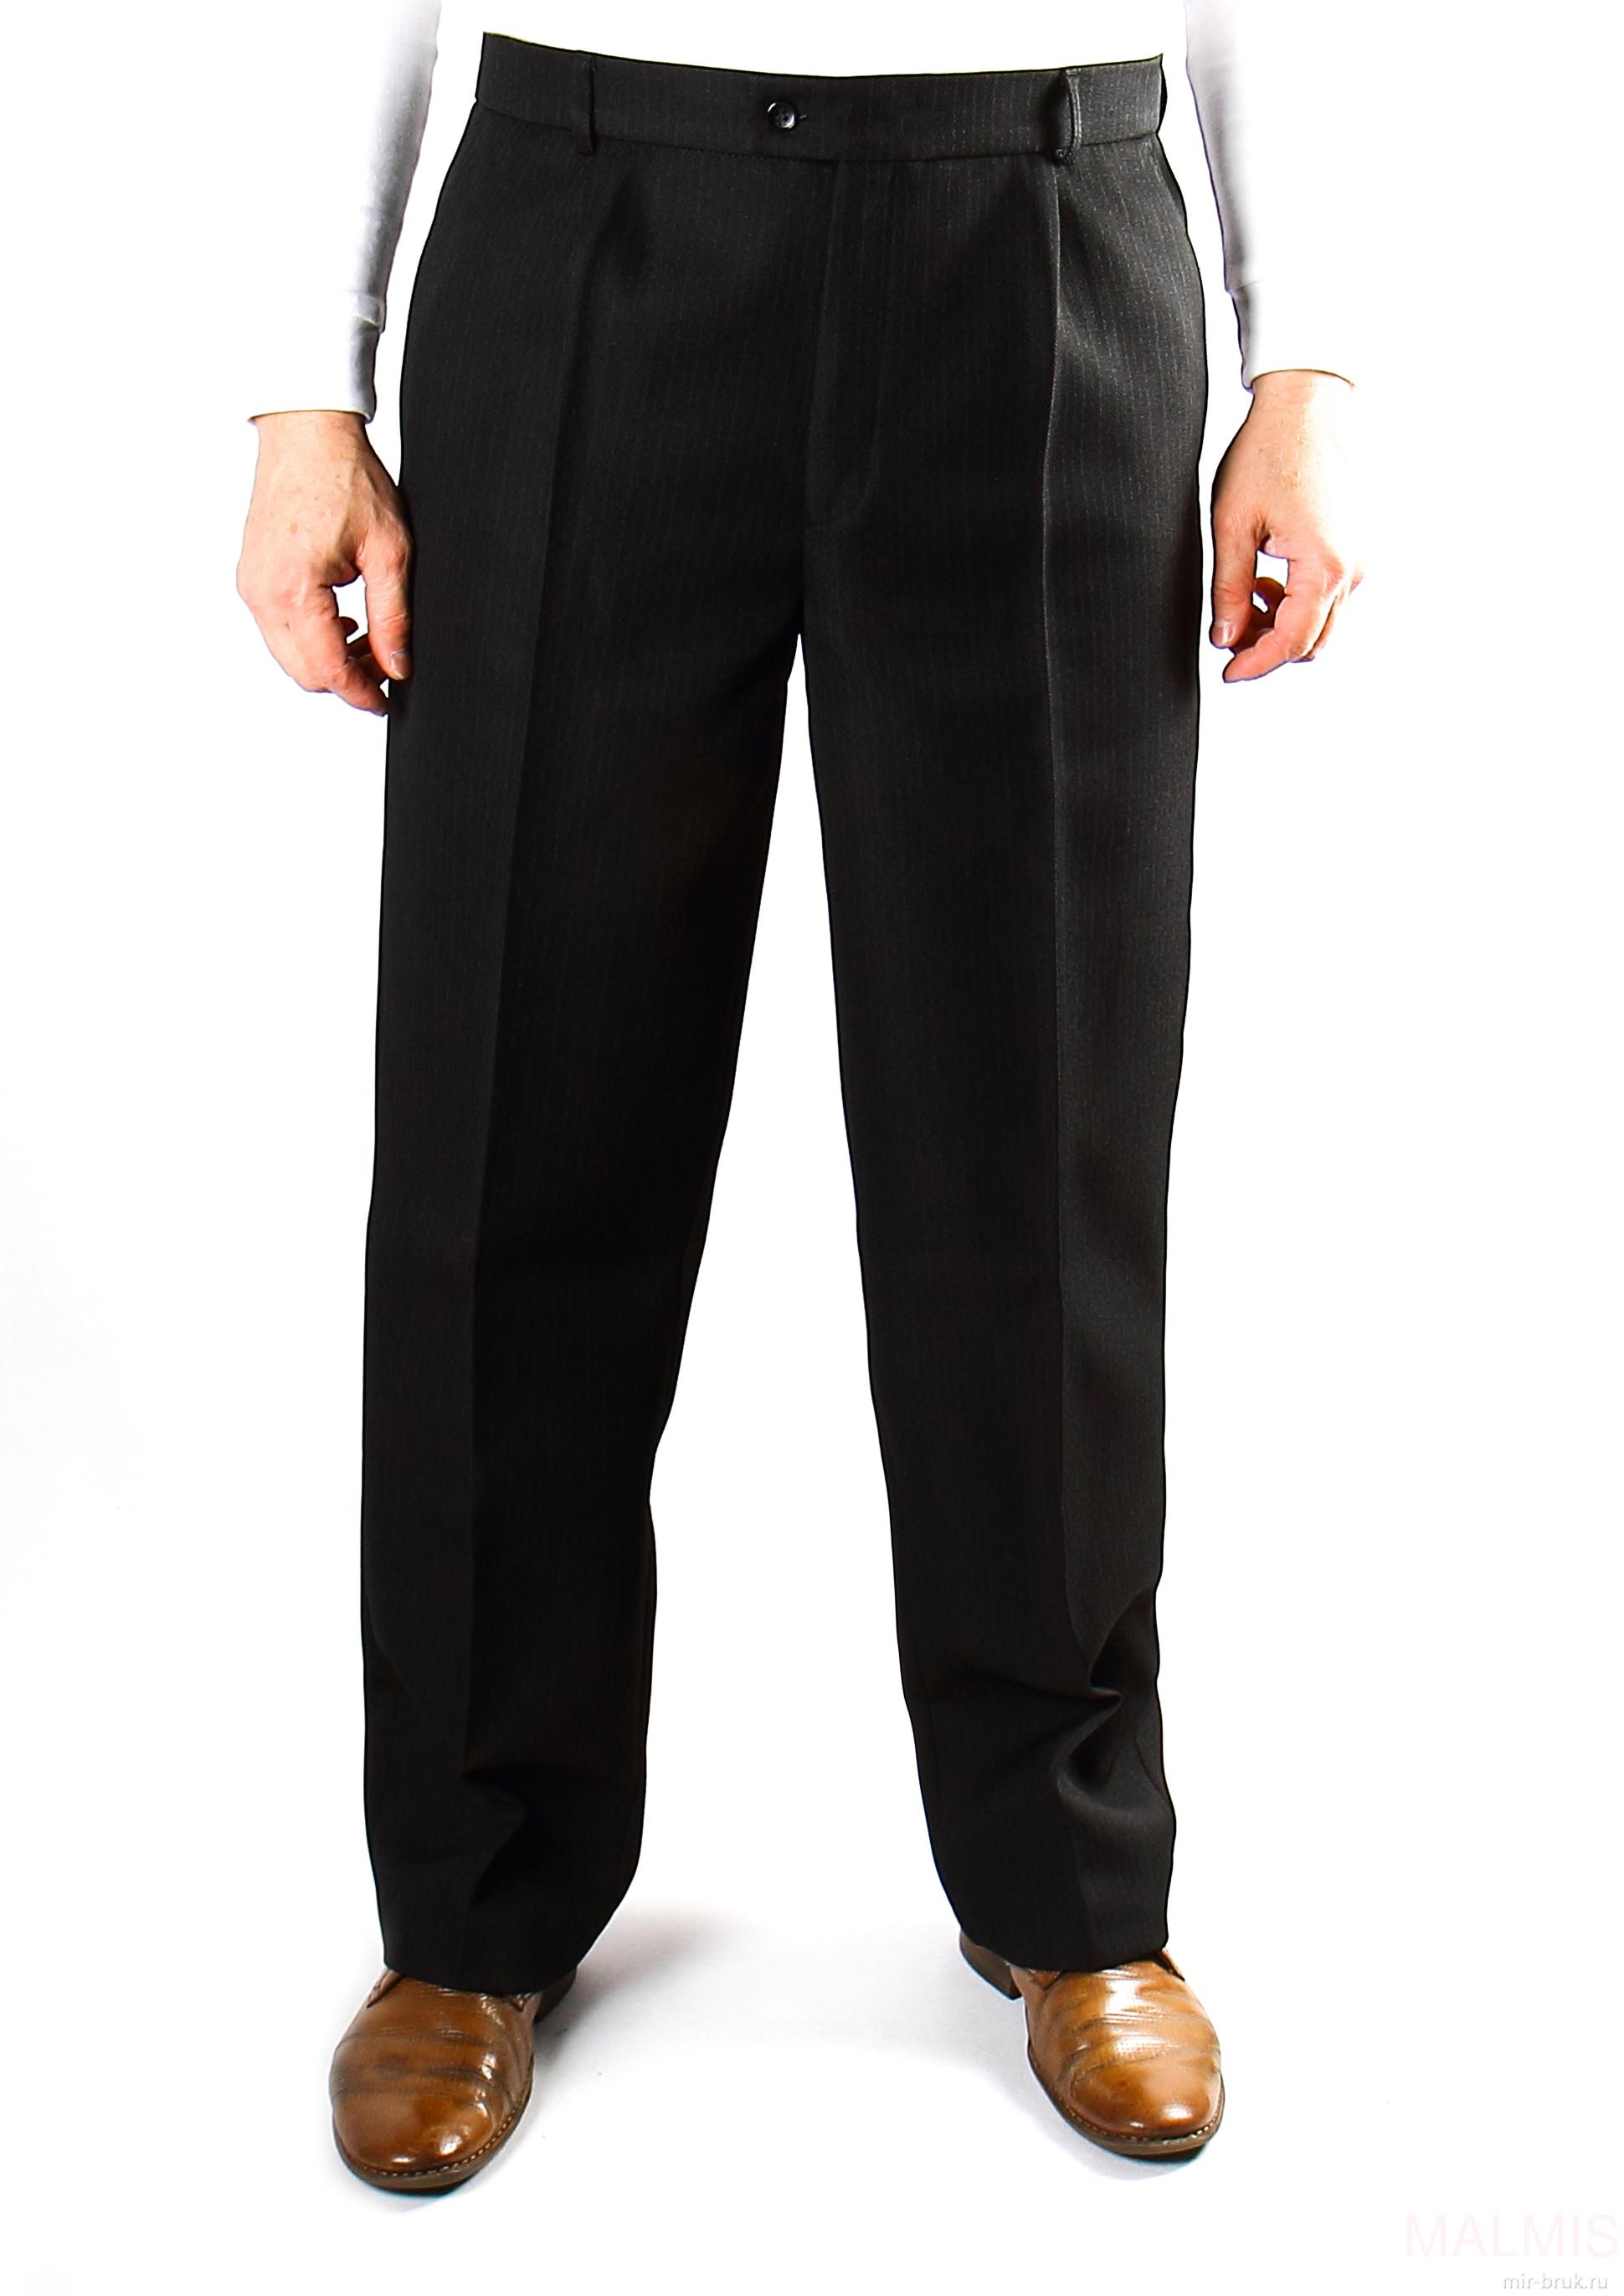 19061531 Купить брюки мужские темно-зеленые 861 по цене 2 400 руб. в Москве ...